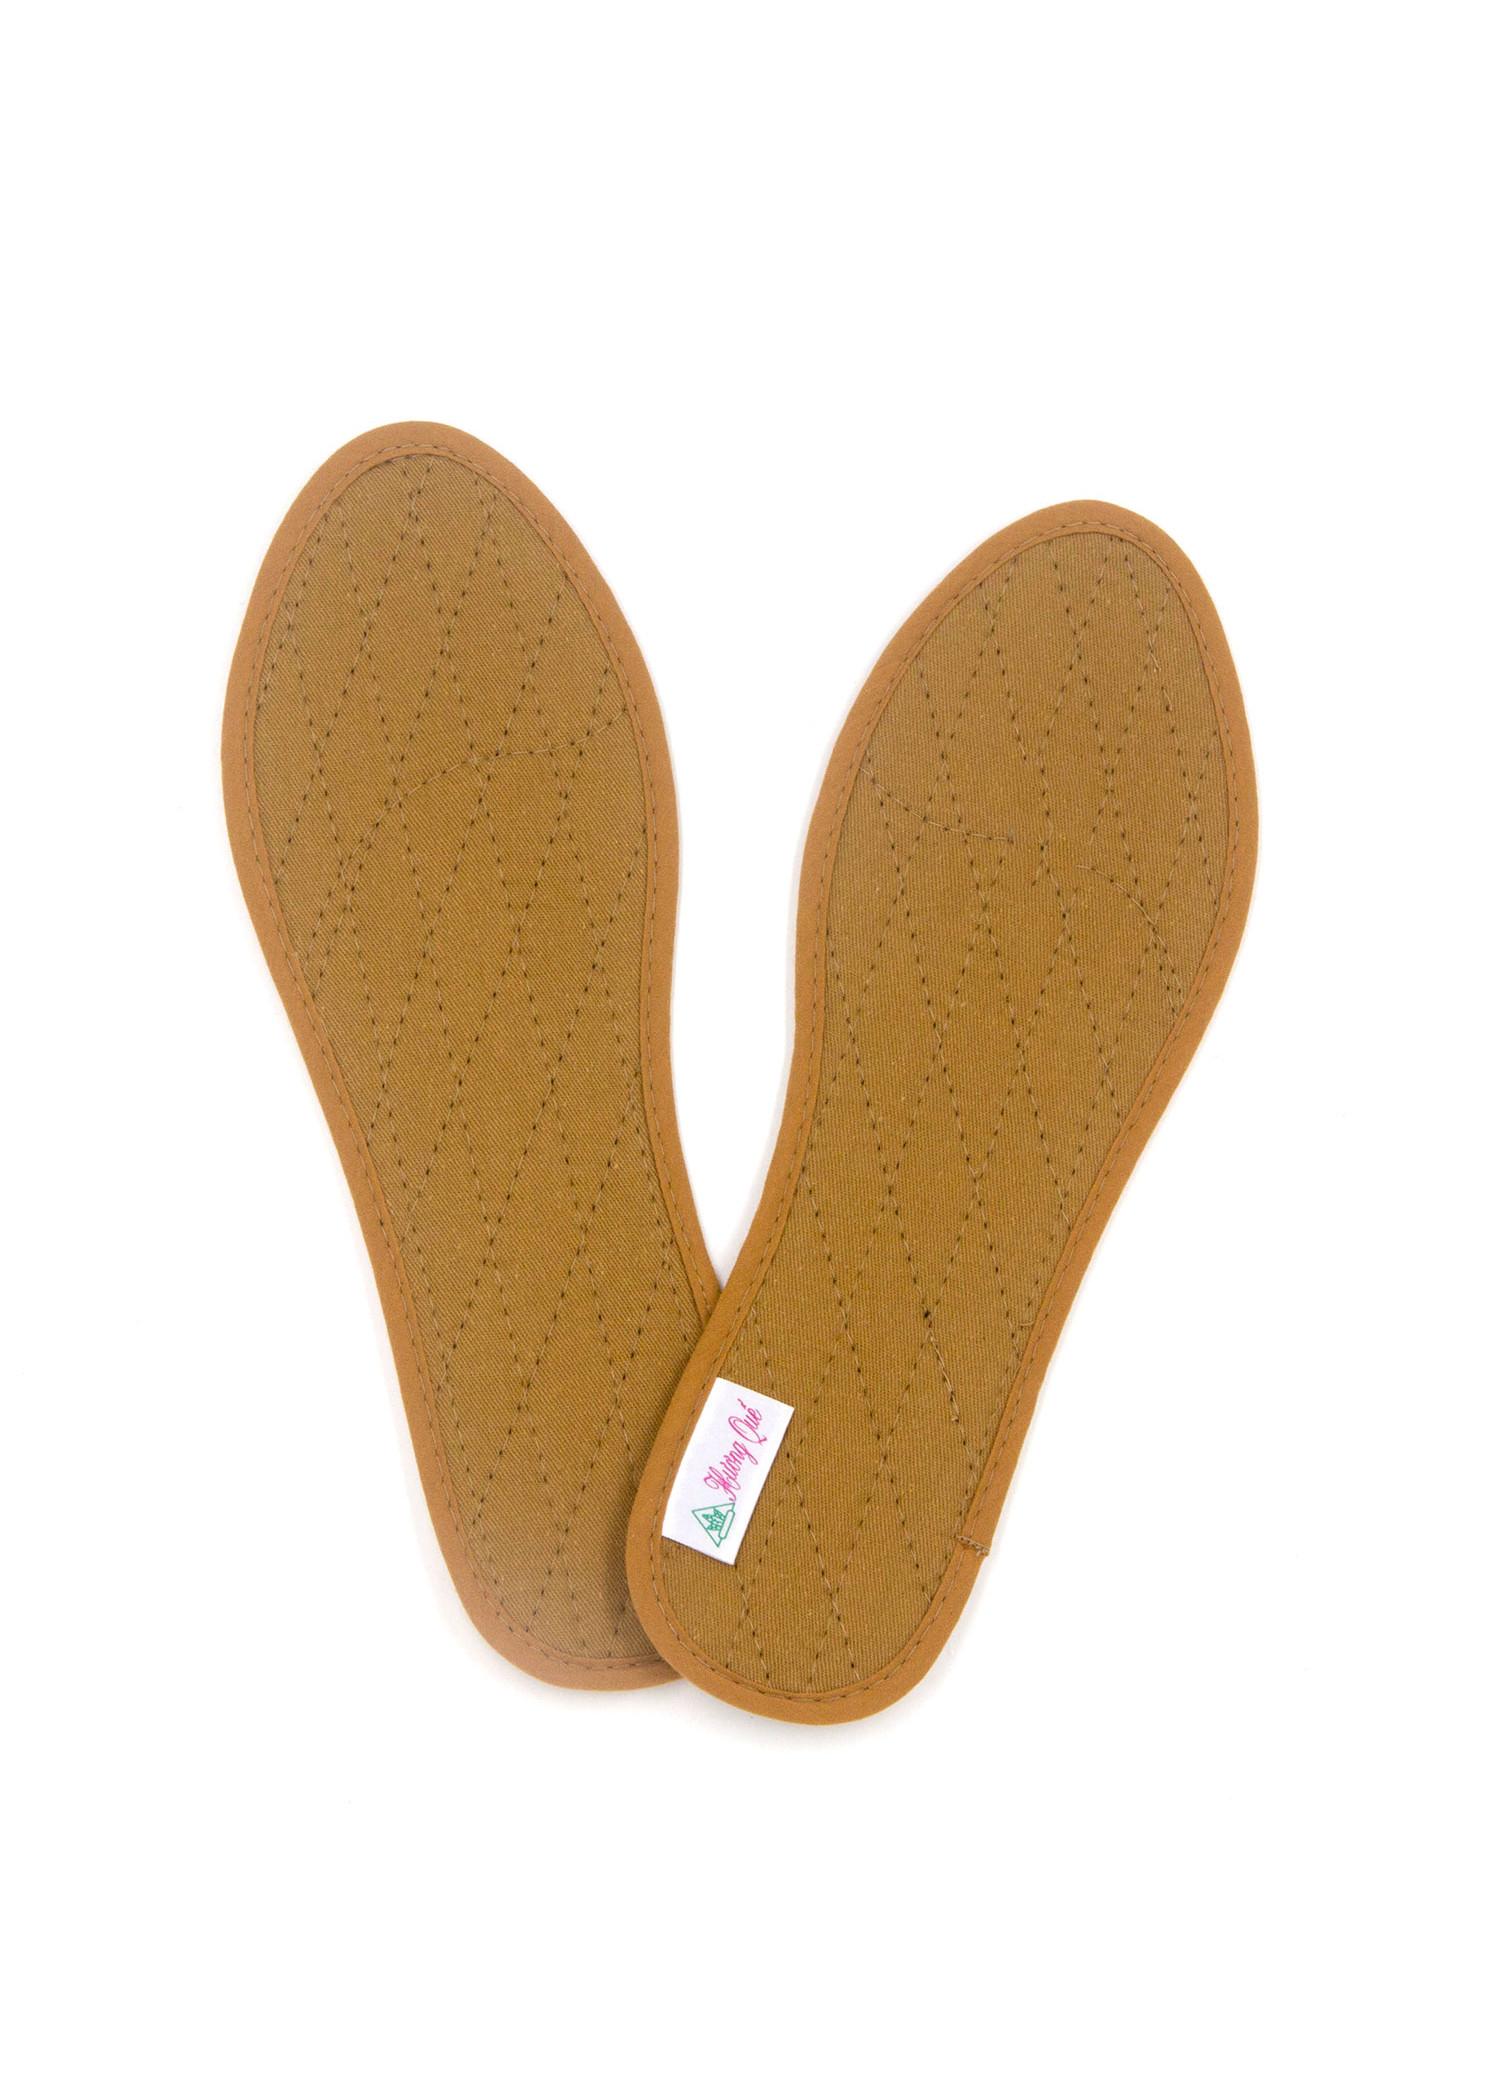 Lót giày vải cotton Hương quế CI-02 làm từ vải cotton - bột quế giúp hút ẩm - khử mùi - phòng cảm cúm và cải thiện sức khoẻ